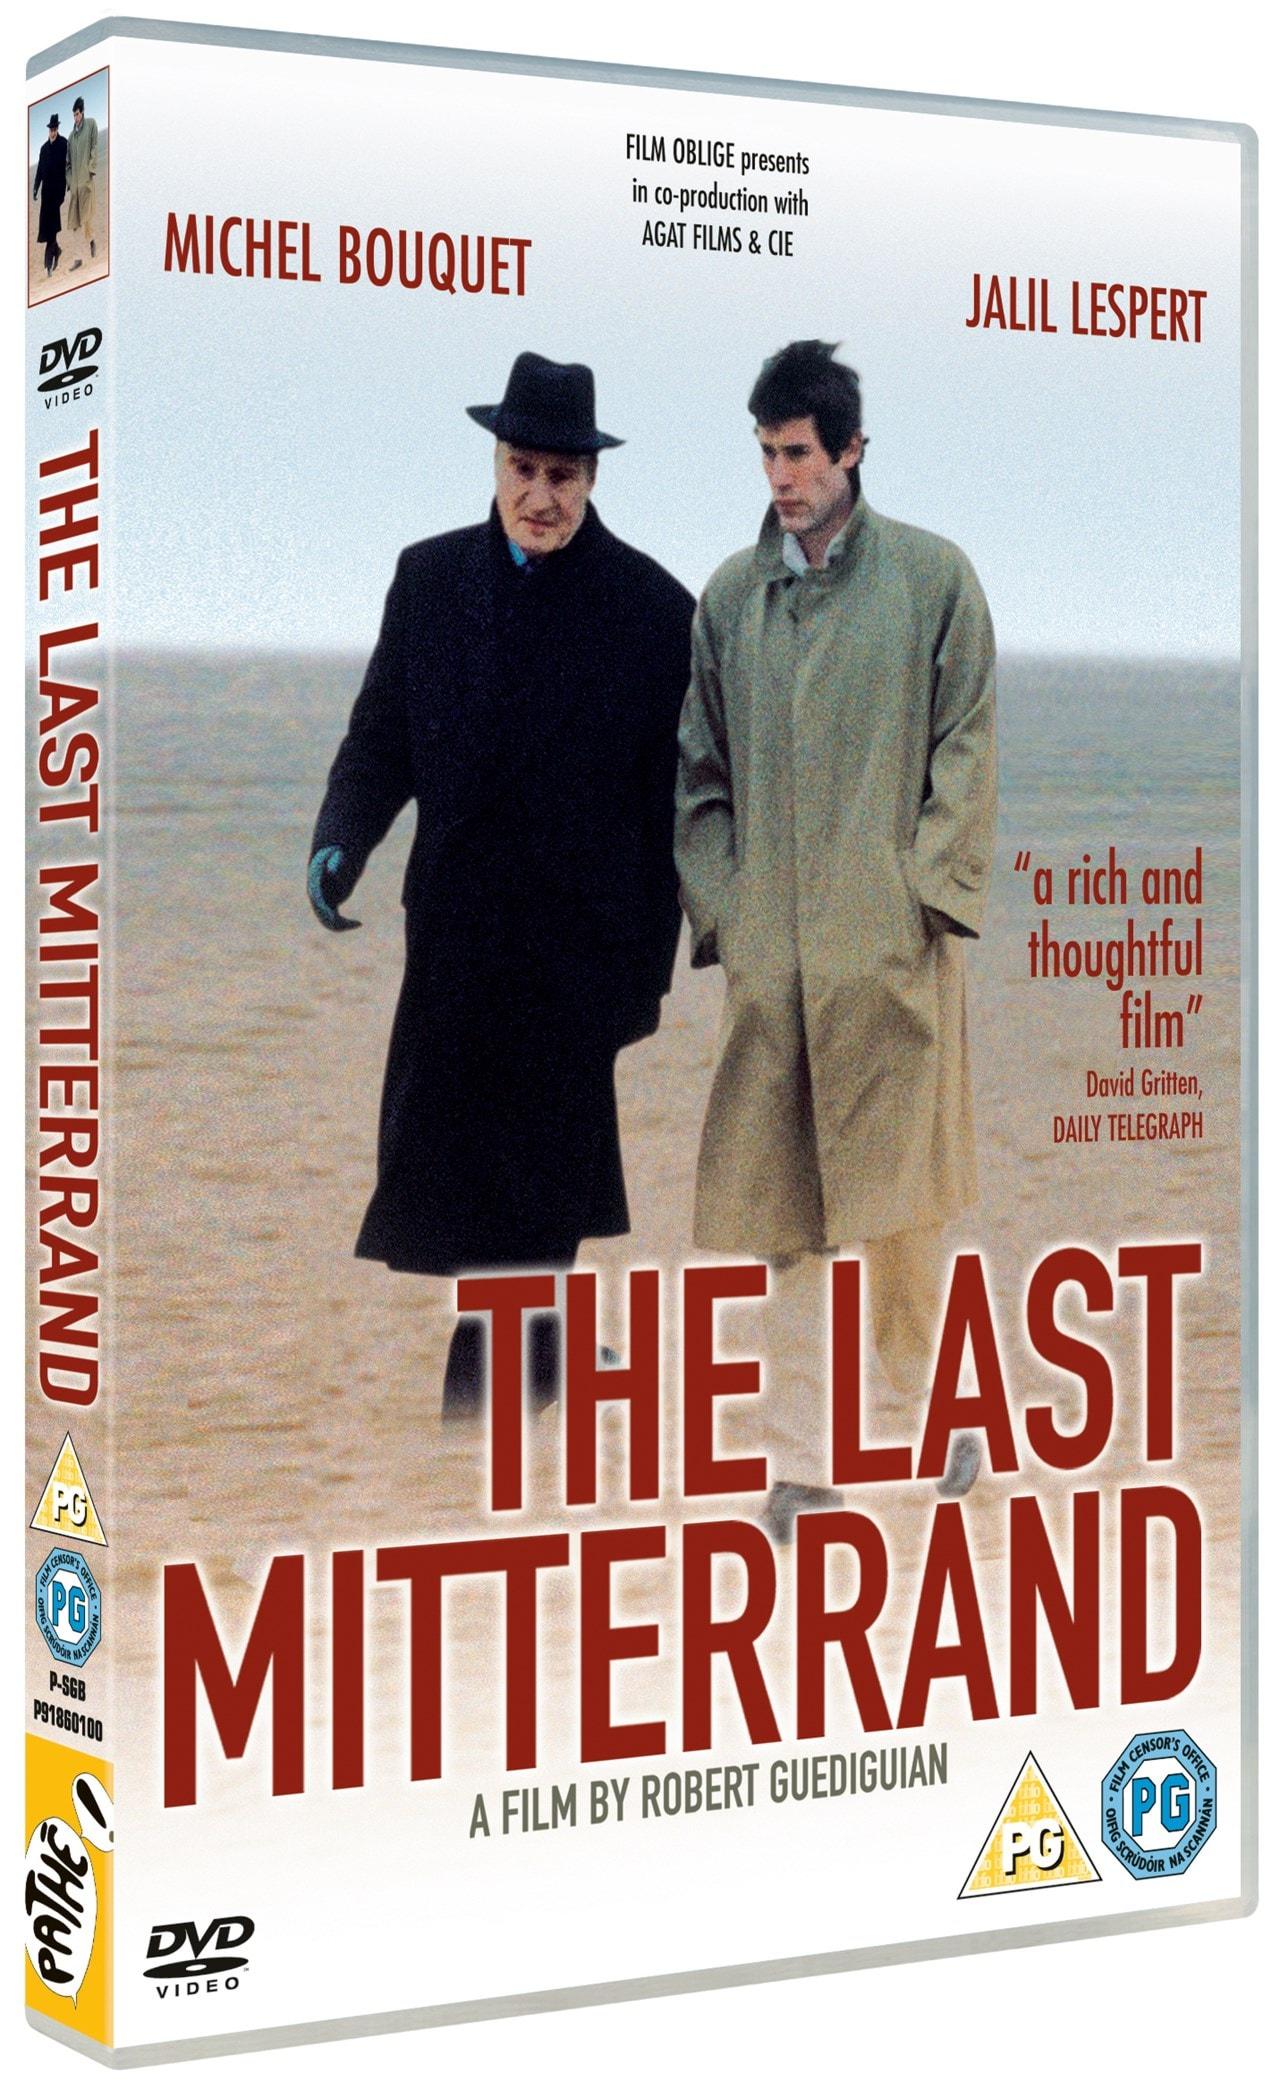 The Last Mitterrand - 2